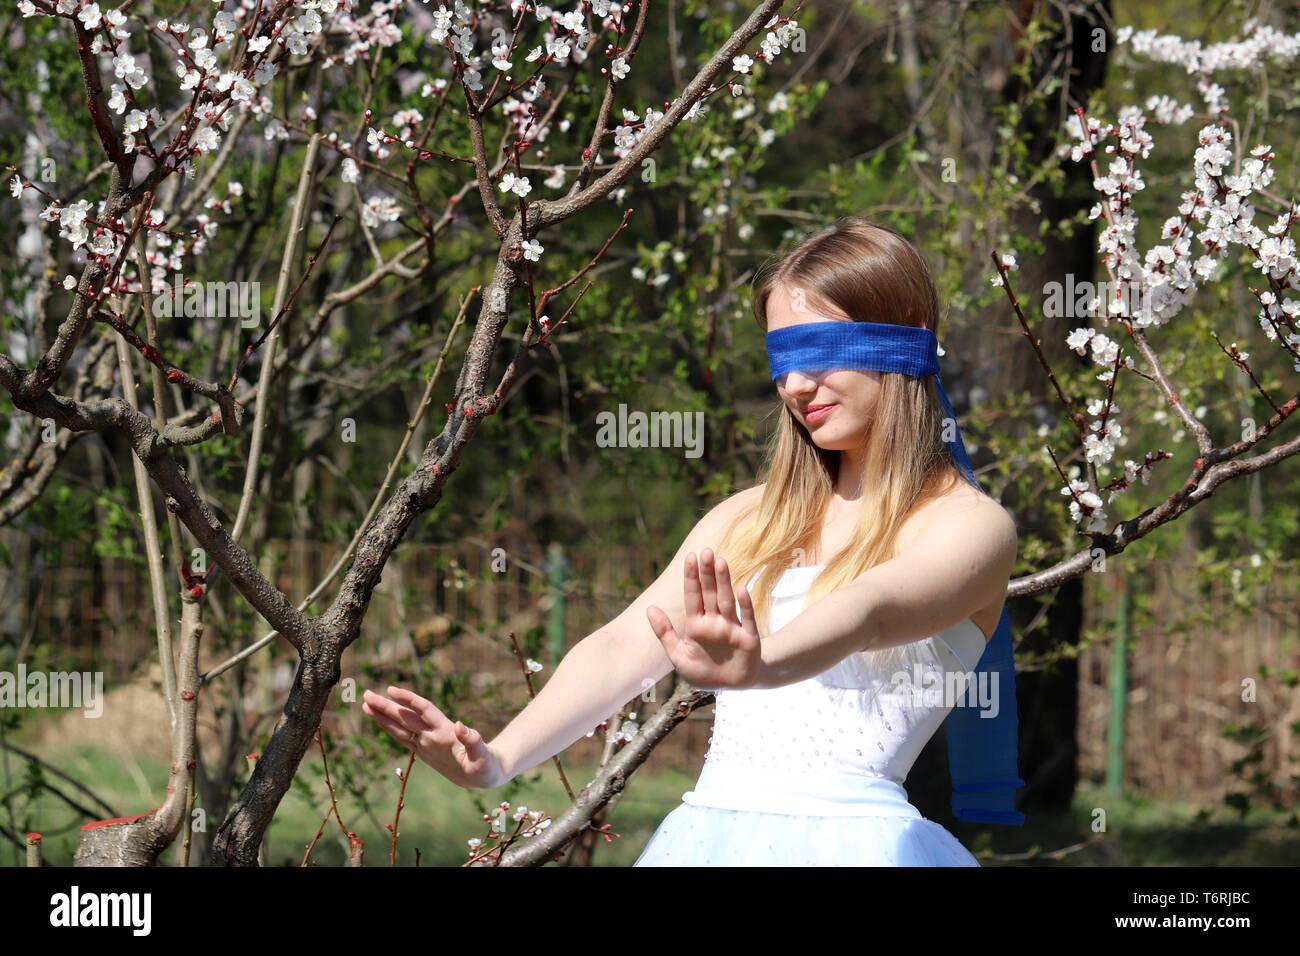 Cherry blossom season in Moscow Botanical garden. Blindfolded girl posing on sakura tree background, leisure in spring - Stock Image